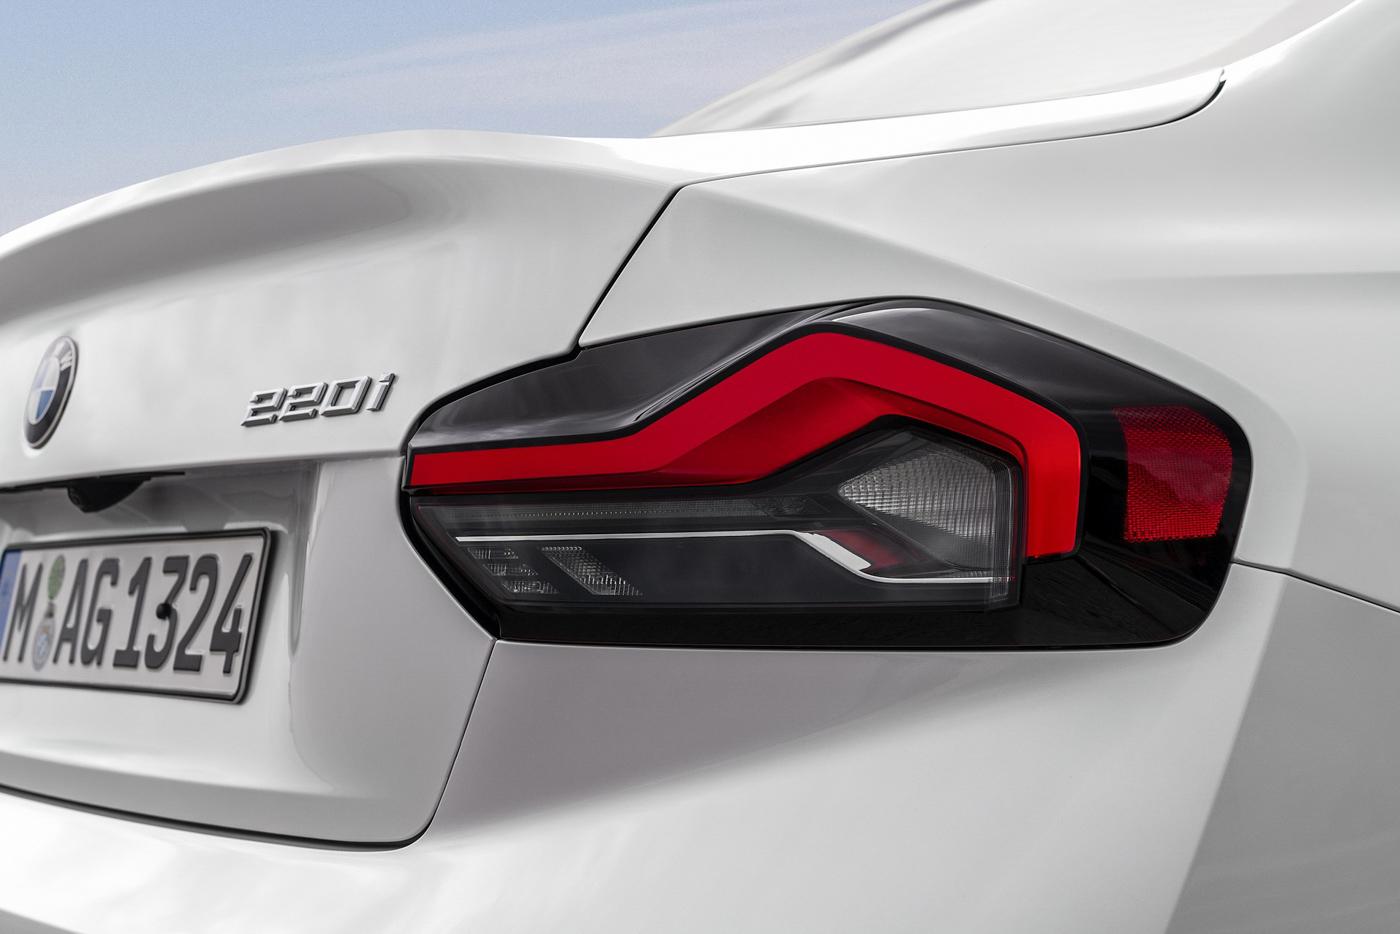 BMW-2-series-2022-ra-mắt-với-giá-bán-từ-36350-usd-28.jpg